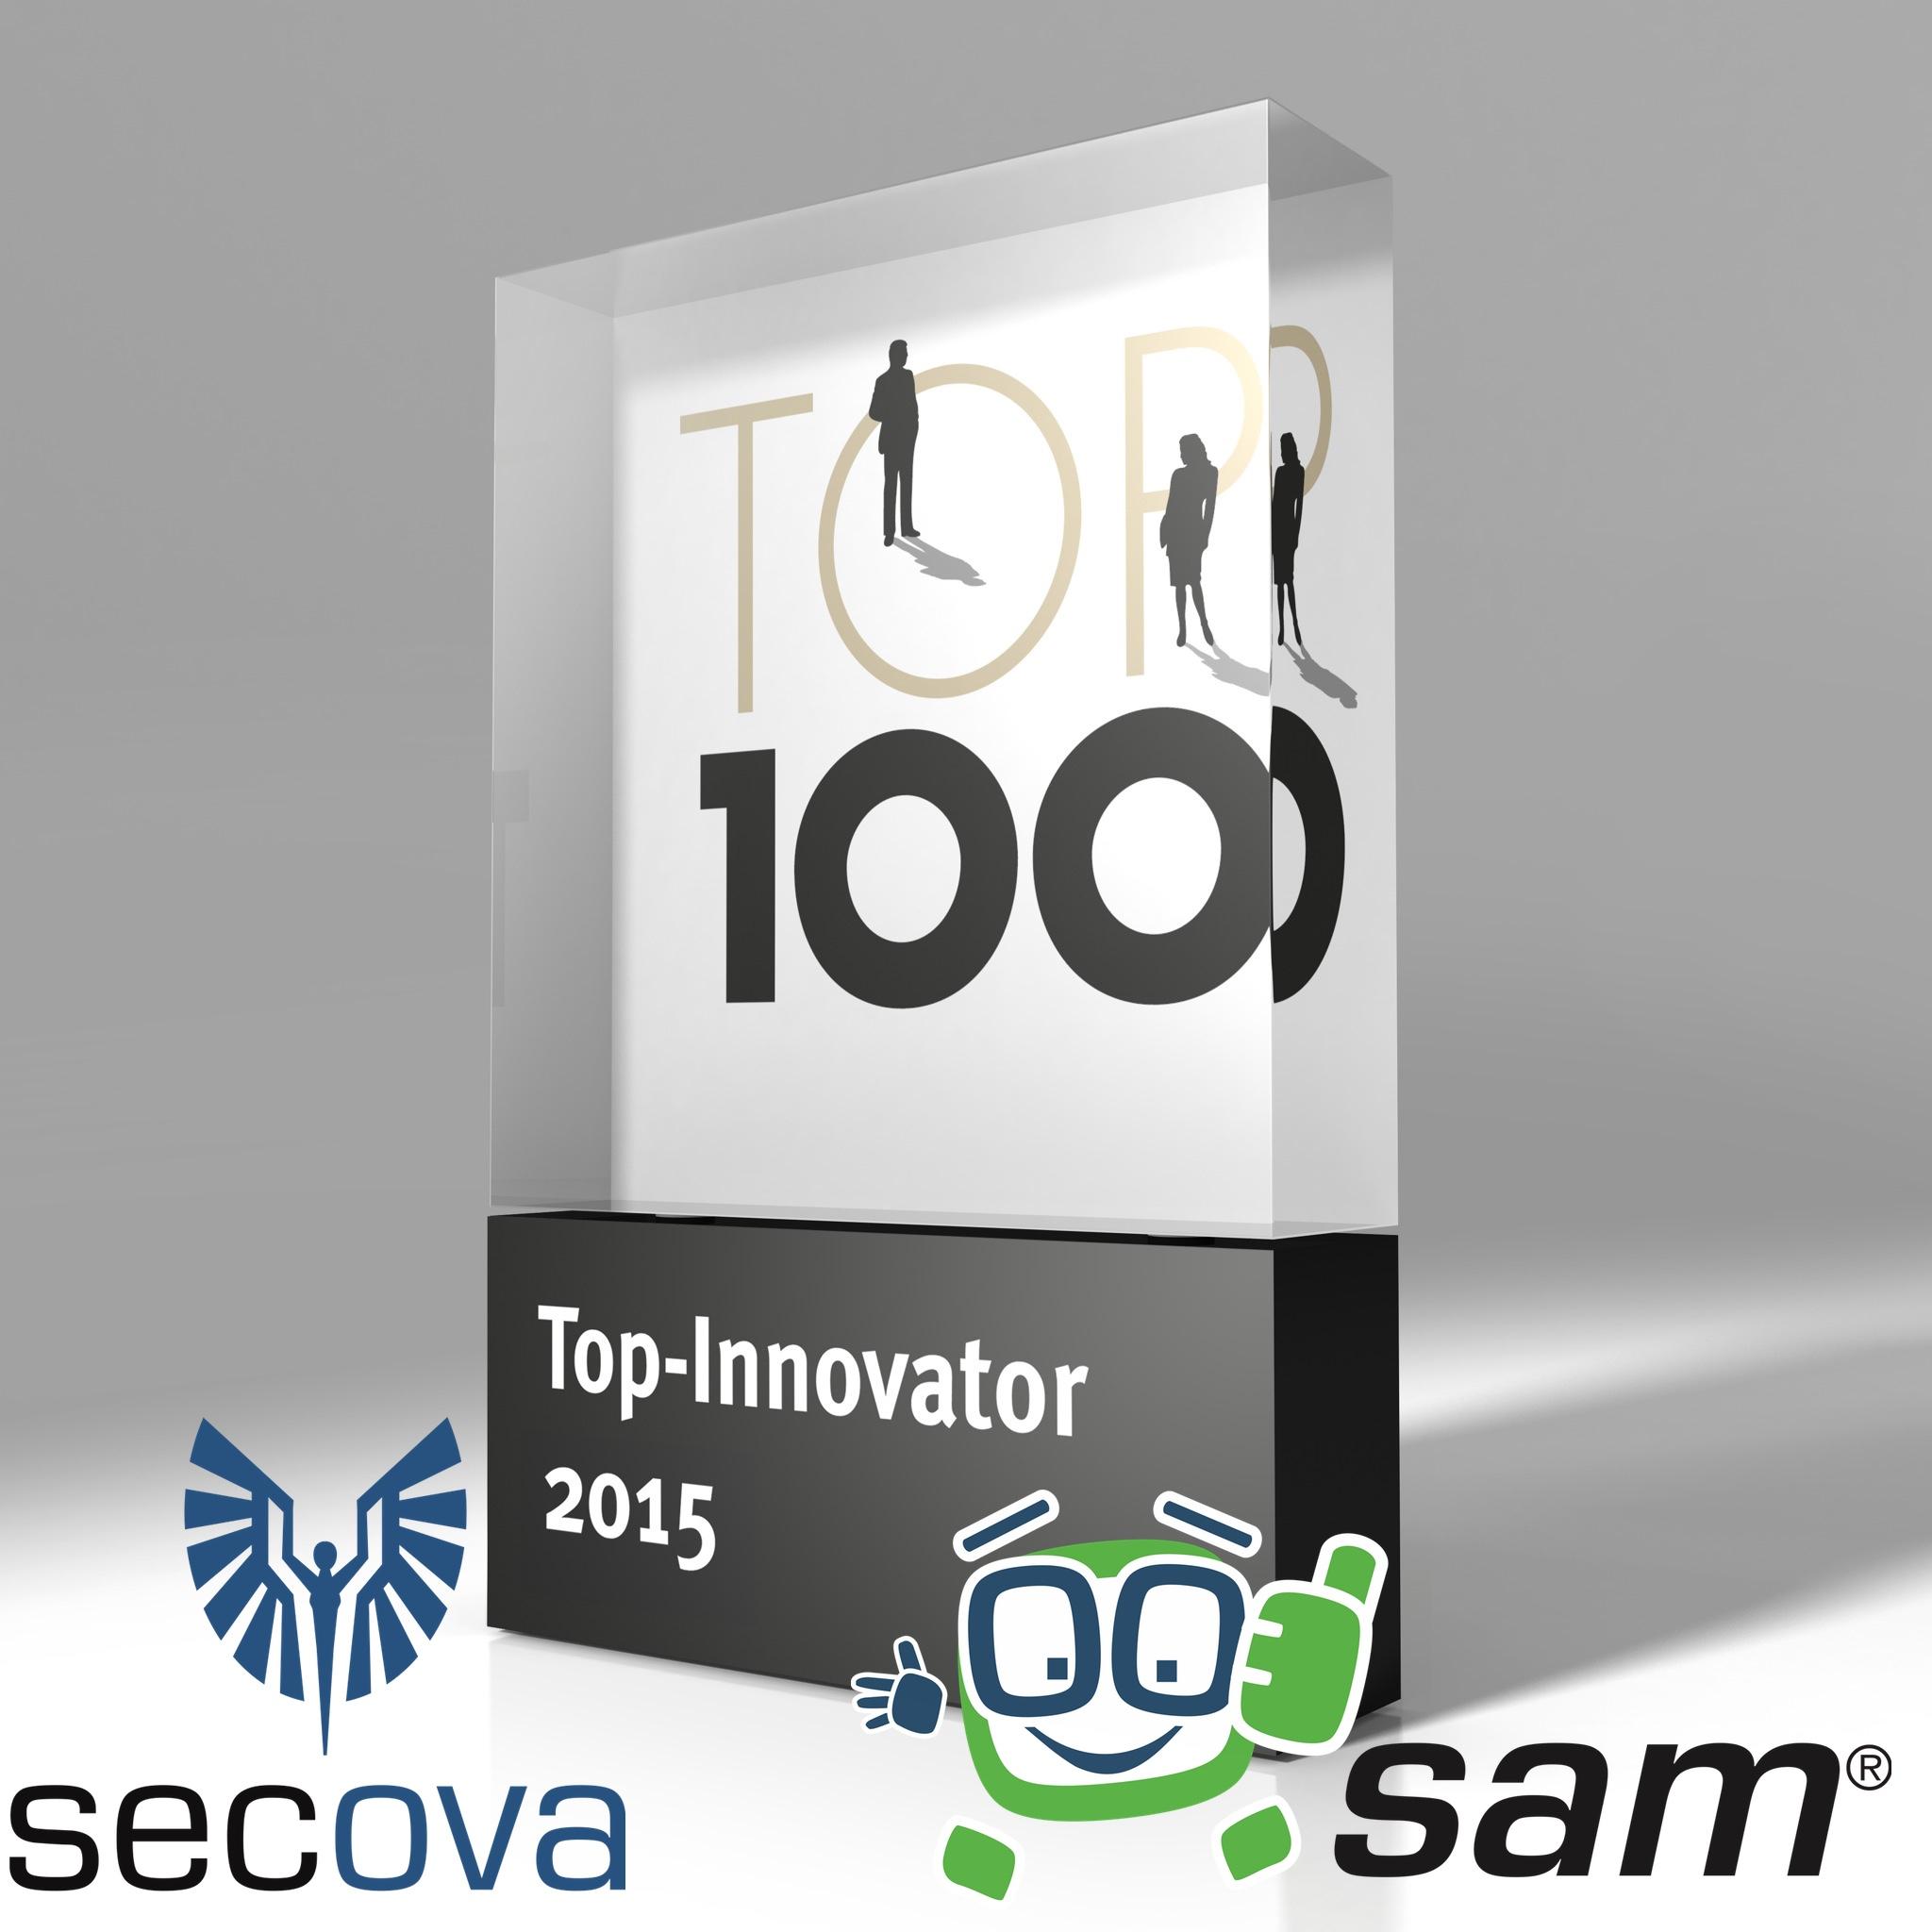 secova und sam* sind TOP100 und damit Spitzenklasse im deutschen Mittelstand.